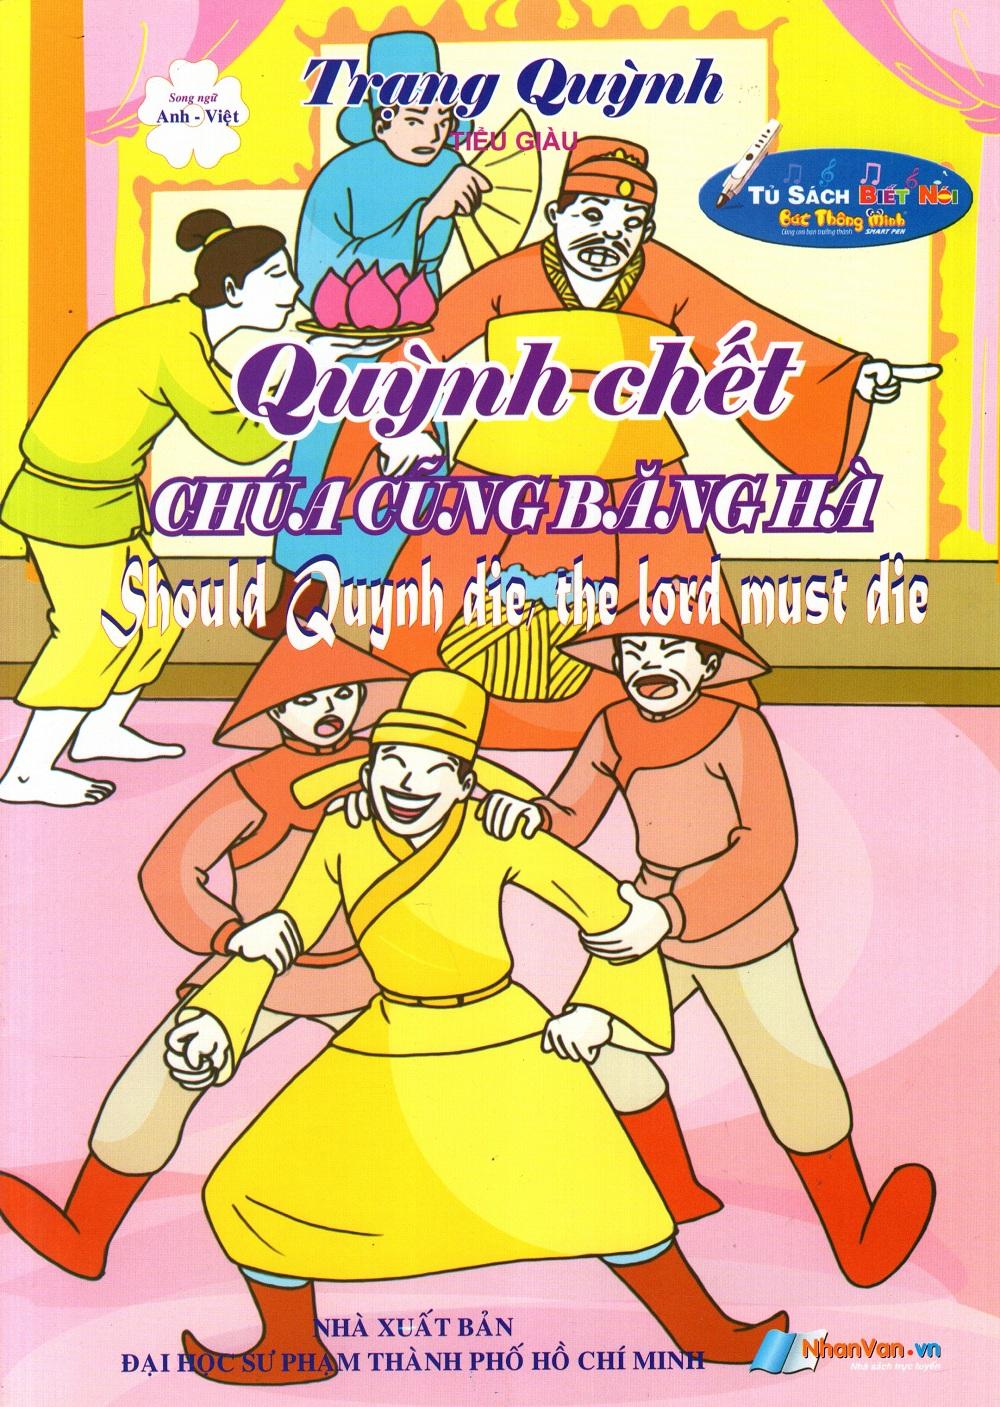 Bìa sách Trạng Quỳnh: Quỳnh Chết Chúa Cũng Băng Hà (Song Ngữ Anh - Việt)